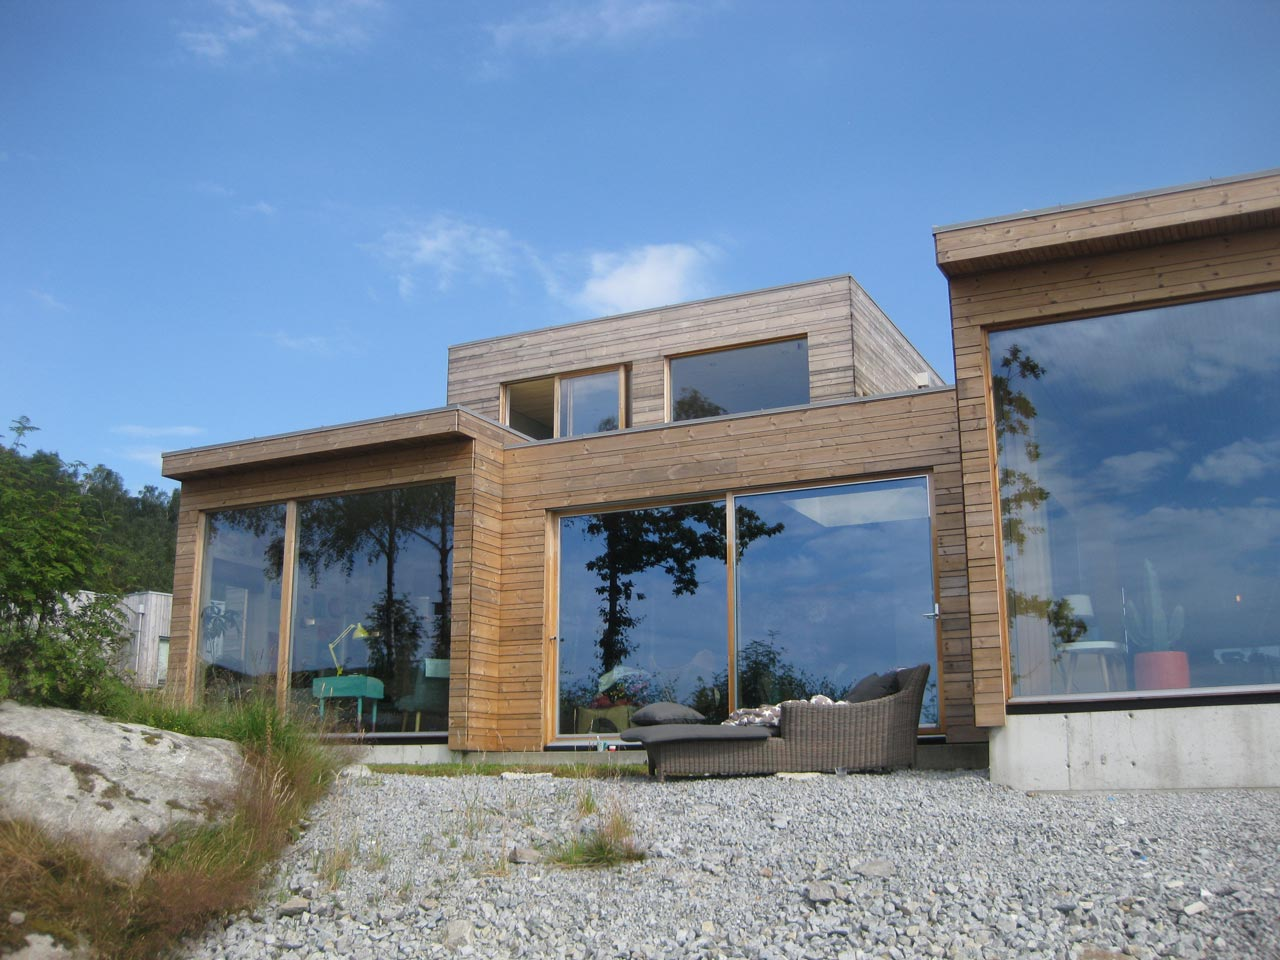 arkitekt_kolstø_nybygg_moderne_enebolig_flatttak_tysvær_trekledning_2av7.jpg